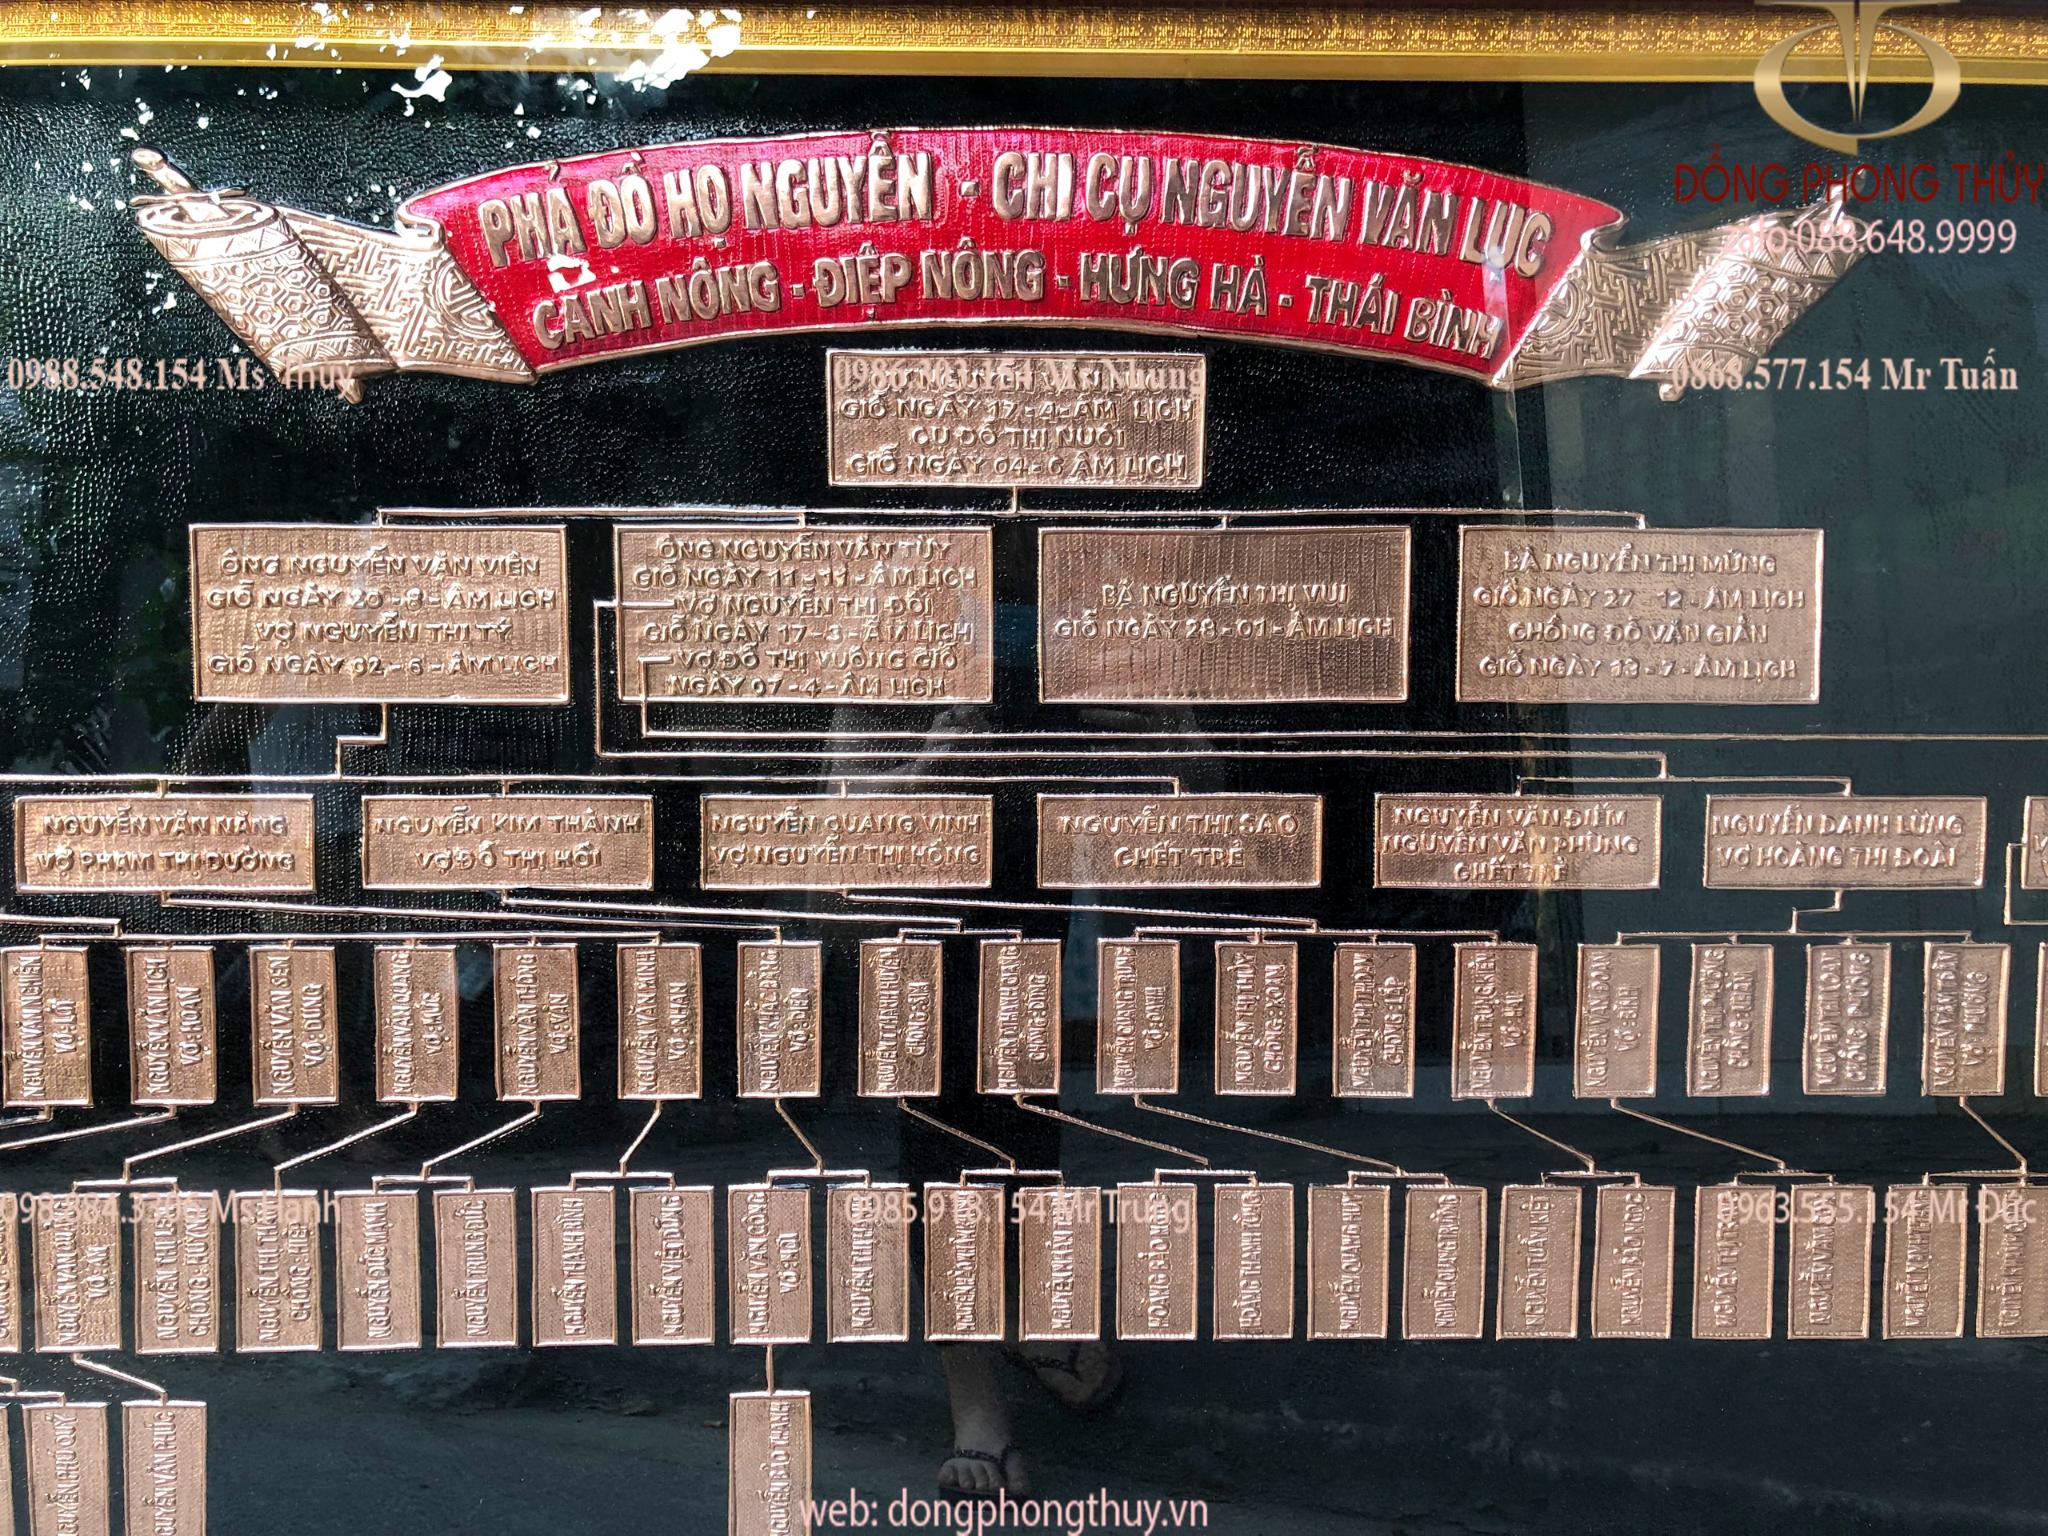 Gia phả họ Nguyễn - Phả đồ họ Nguyễn - Gia phả dòng họ Nguyễn bằng đồng đỏ